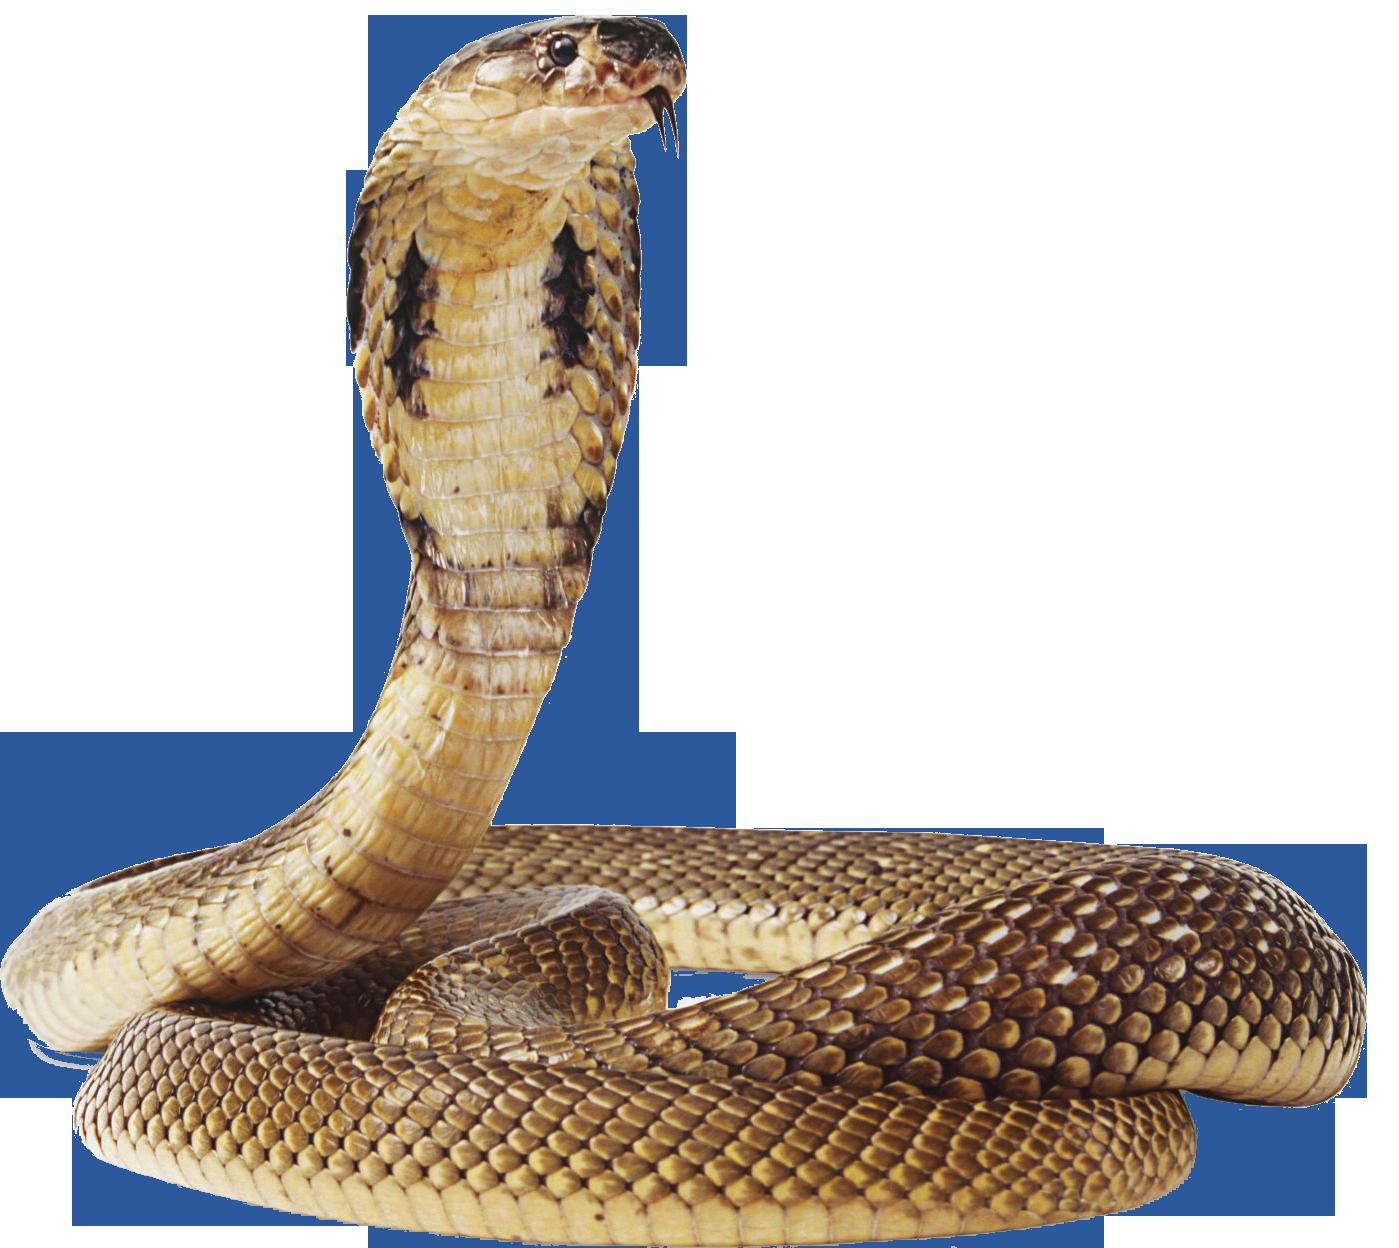 Image - Cobra-snake-transparent-image.png